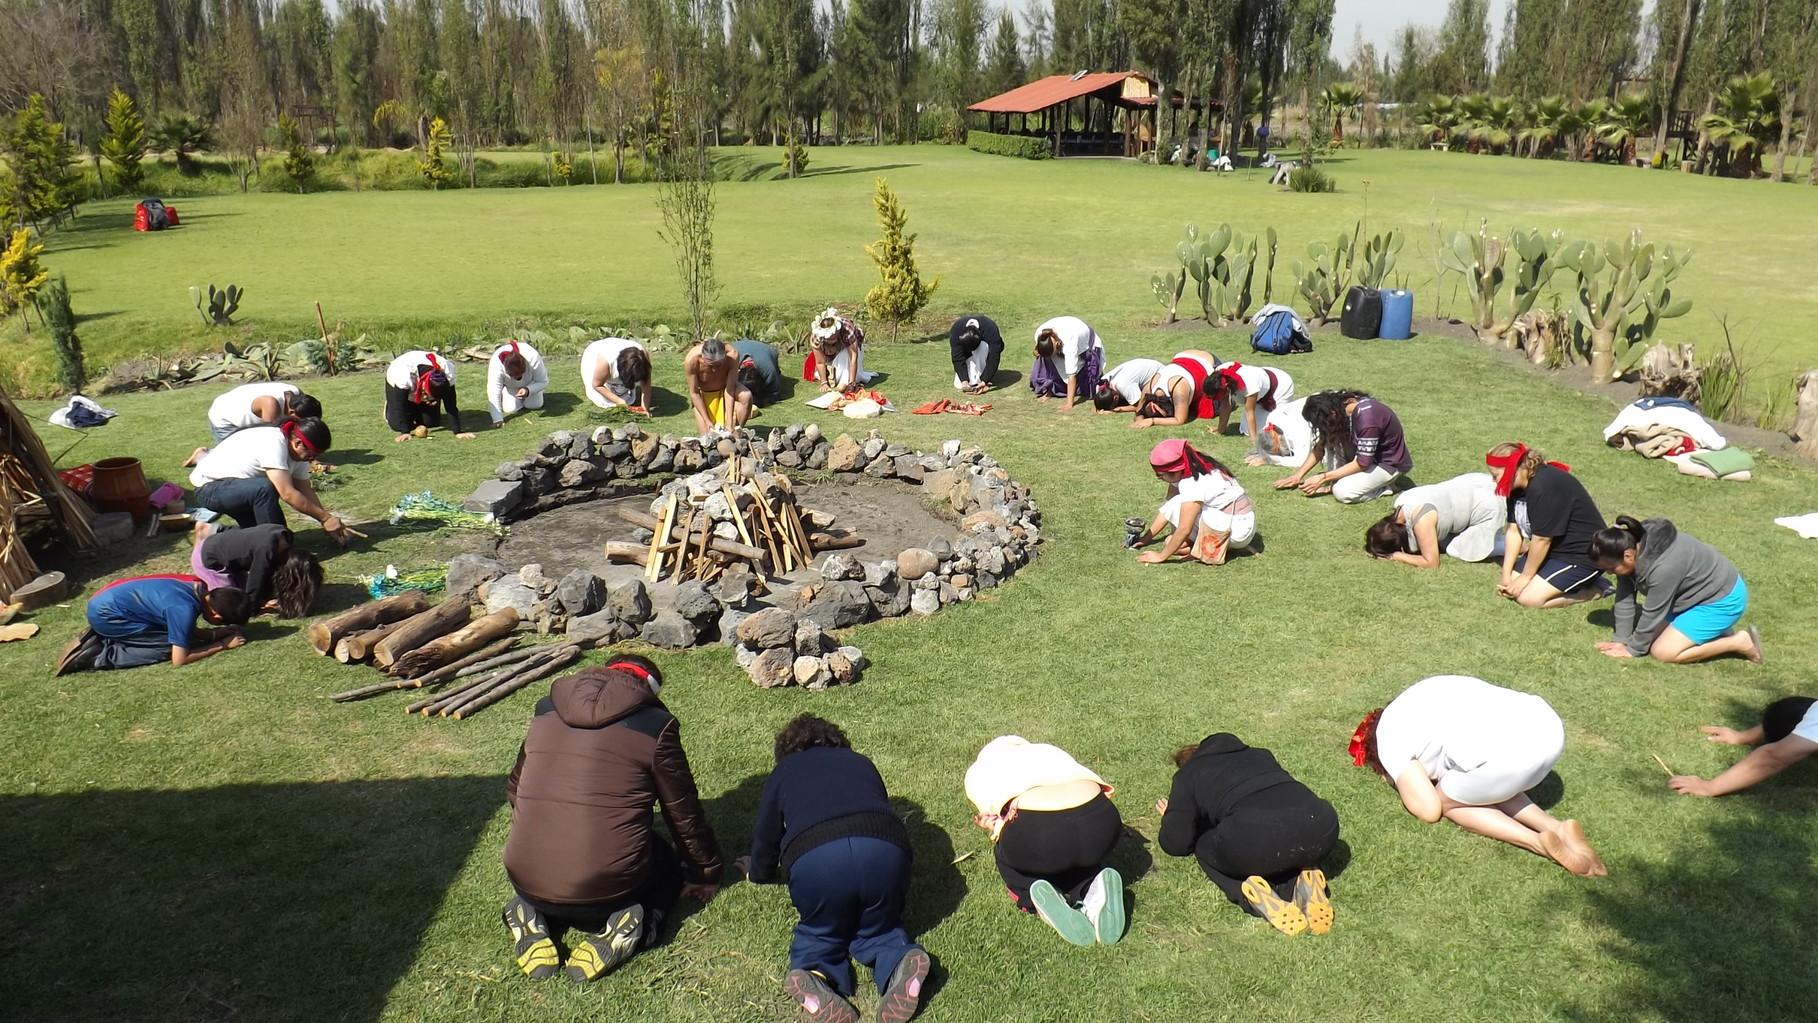 En ésta ceremonia también puedes hacer peticiones especiales a las deidades de la naturaleza.